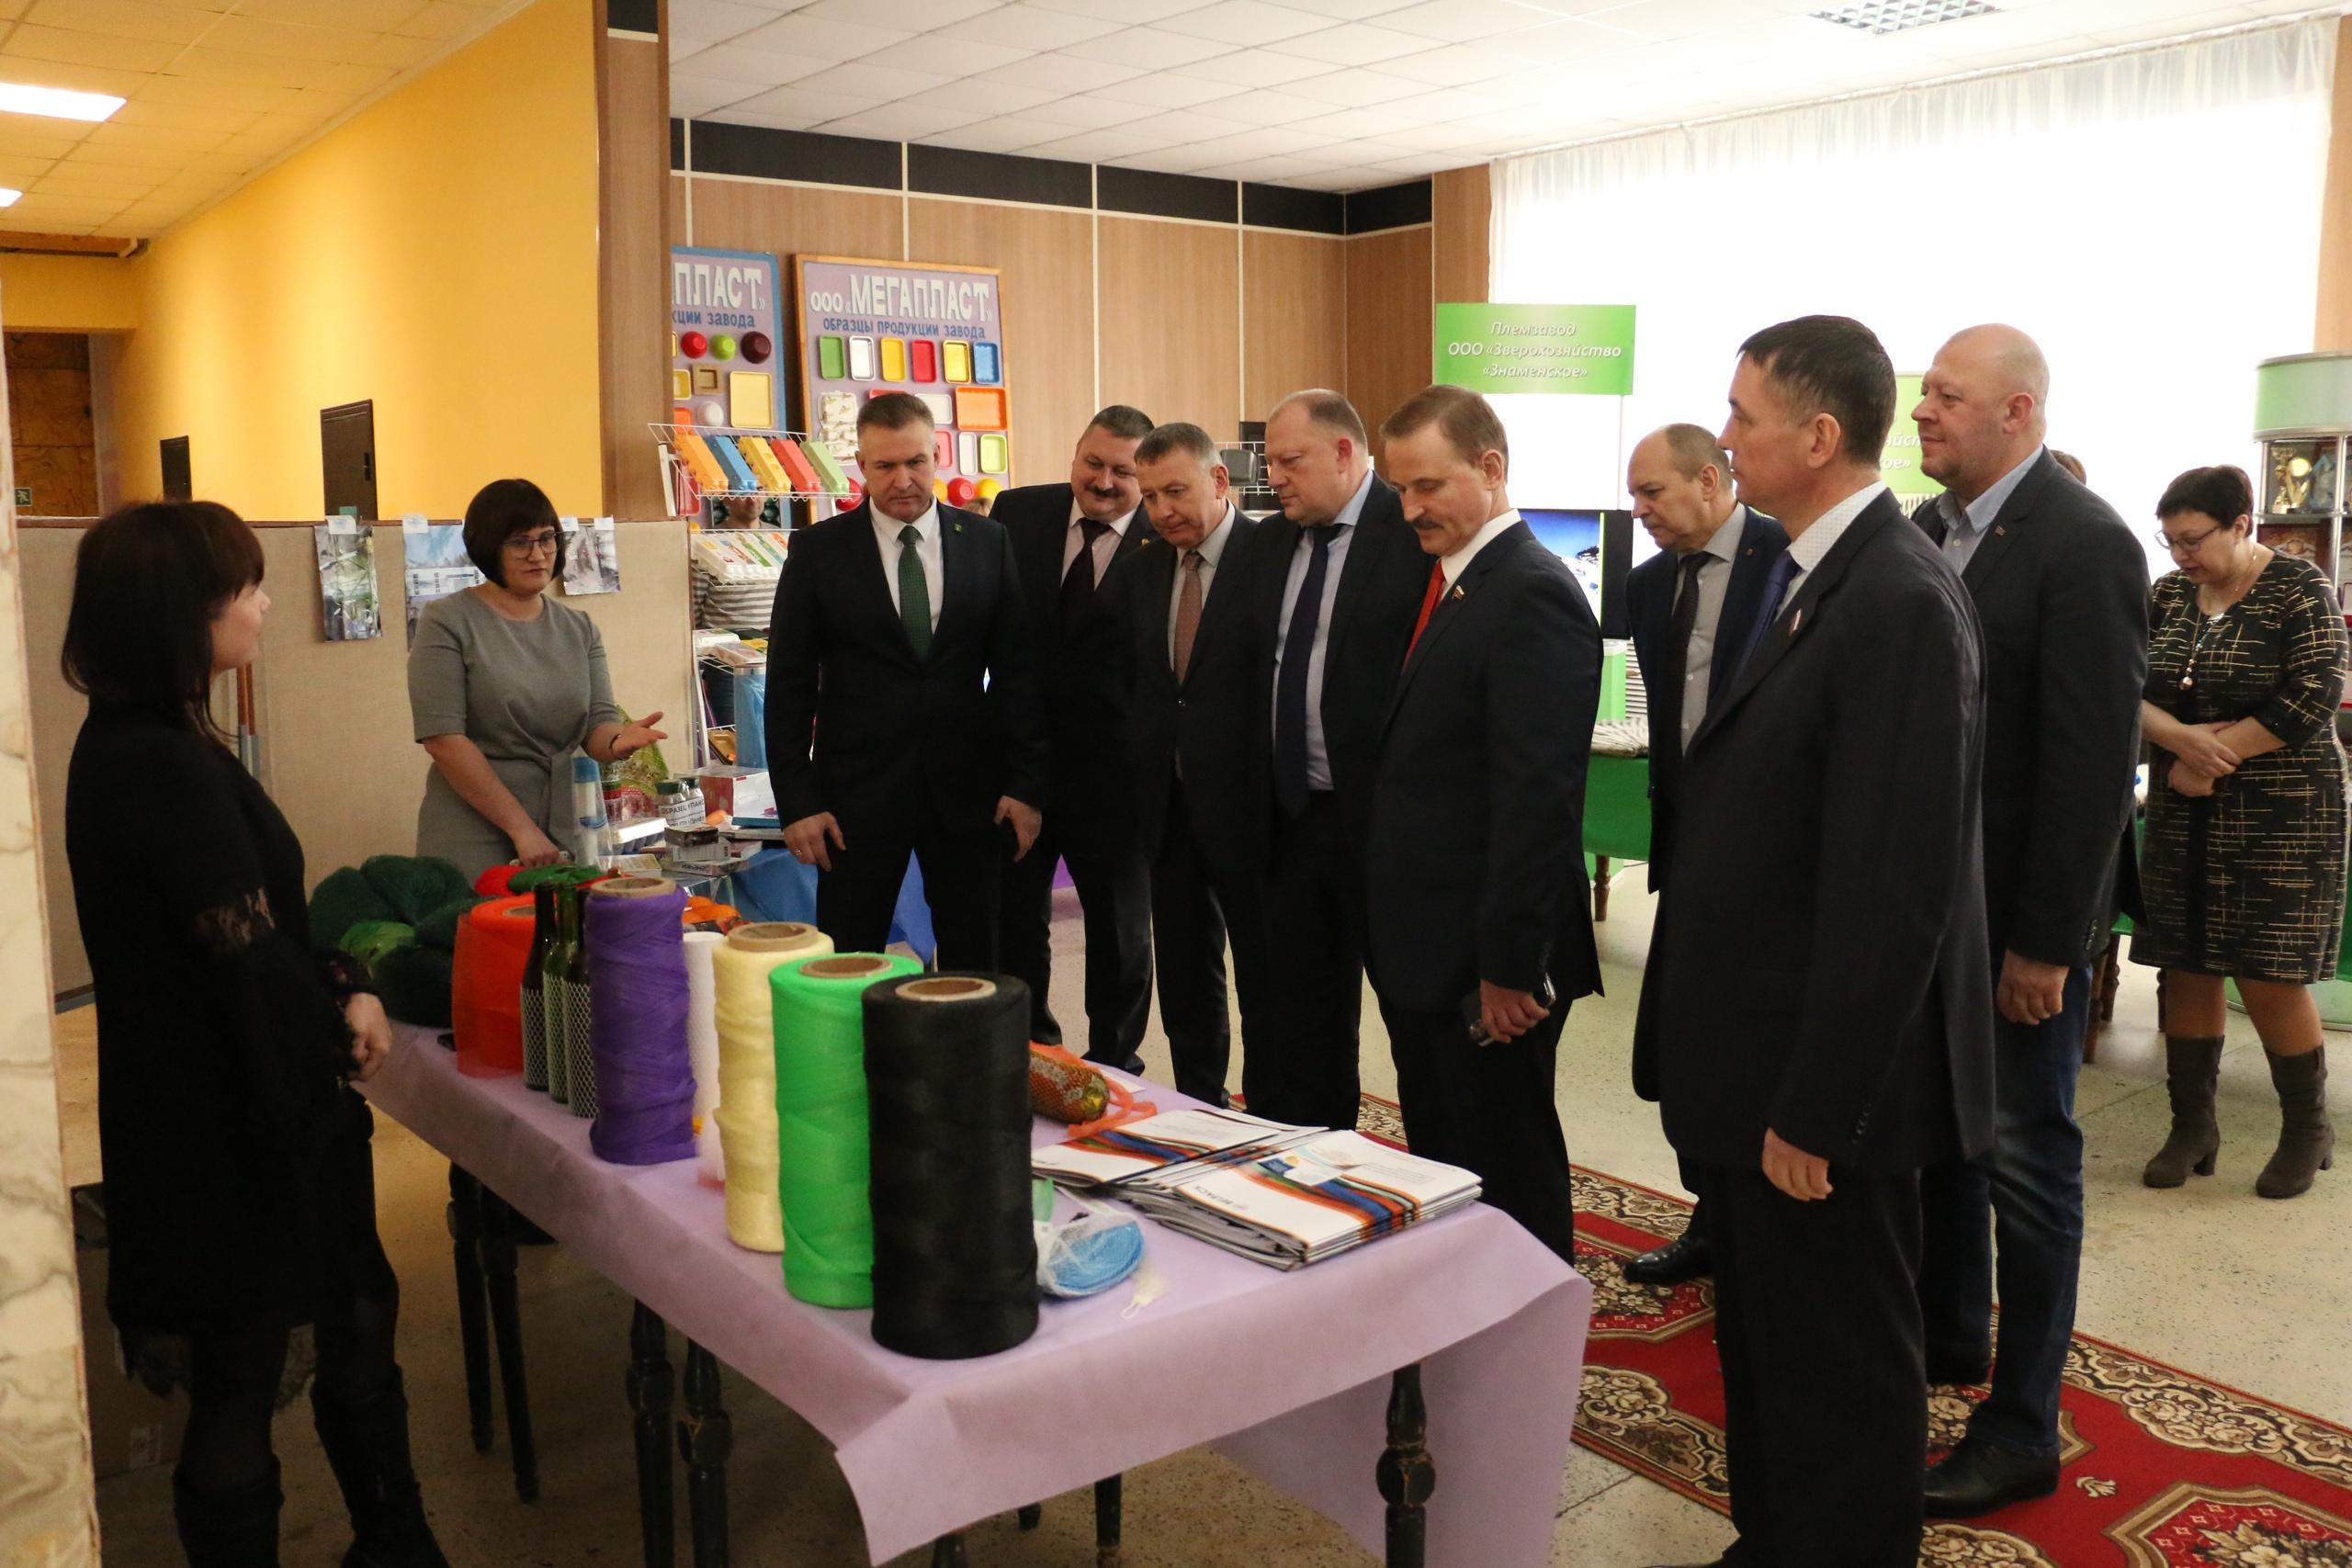 Парламентарии Сергей Голубев и Сергей Веремеенко побывали в Торопецком районе Тверской области